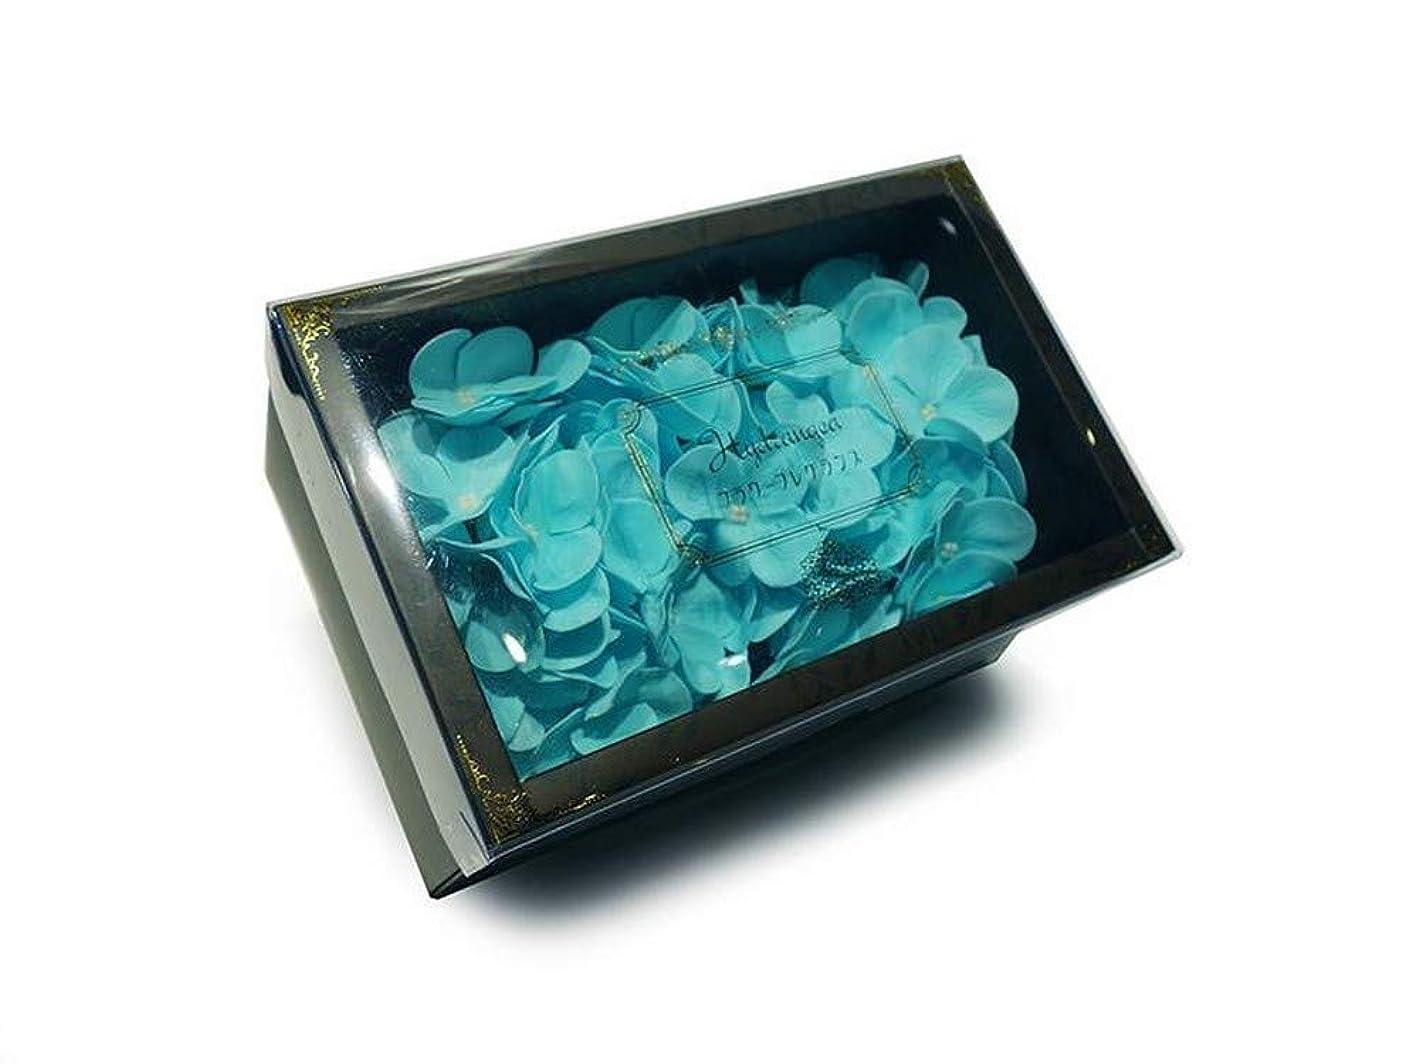 路地火星罹患率花のカタチの入浴剤 アジサイ バスフレグランス フラワーフレグランス バスフラワー (ブルー)